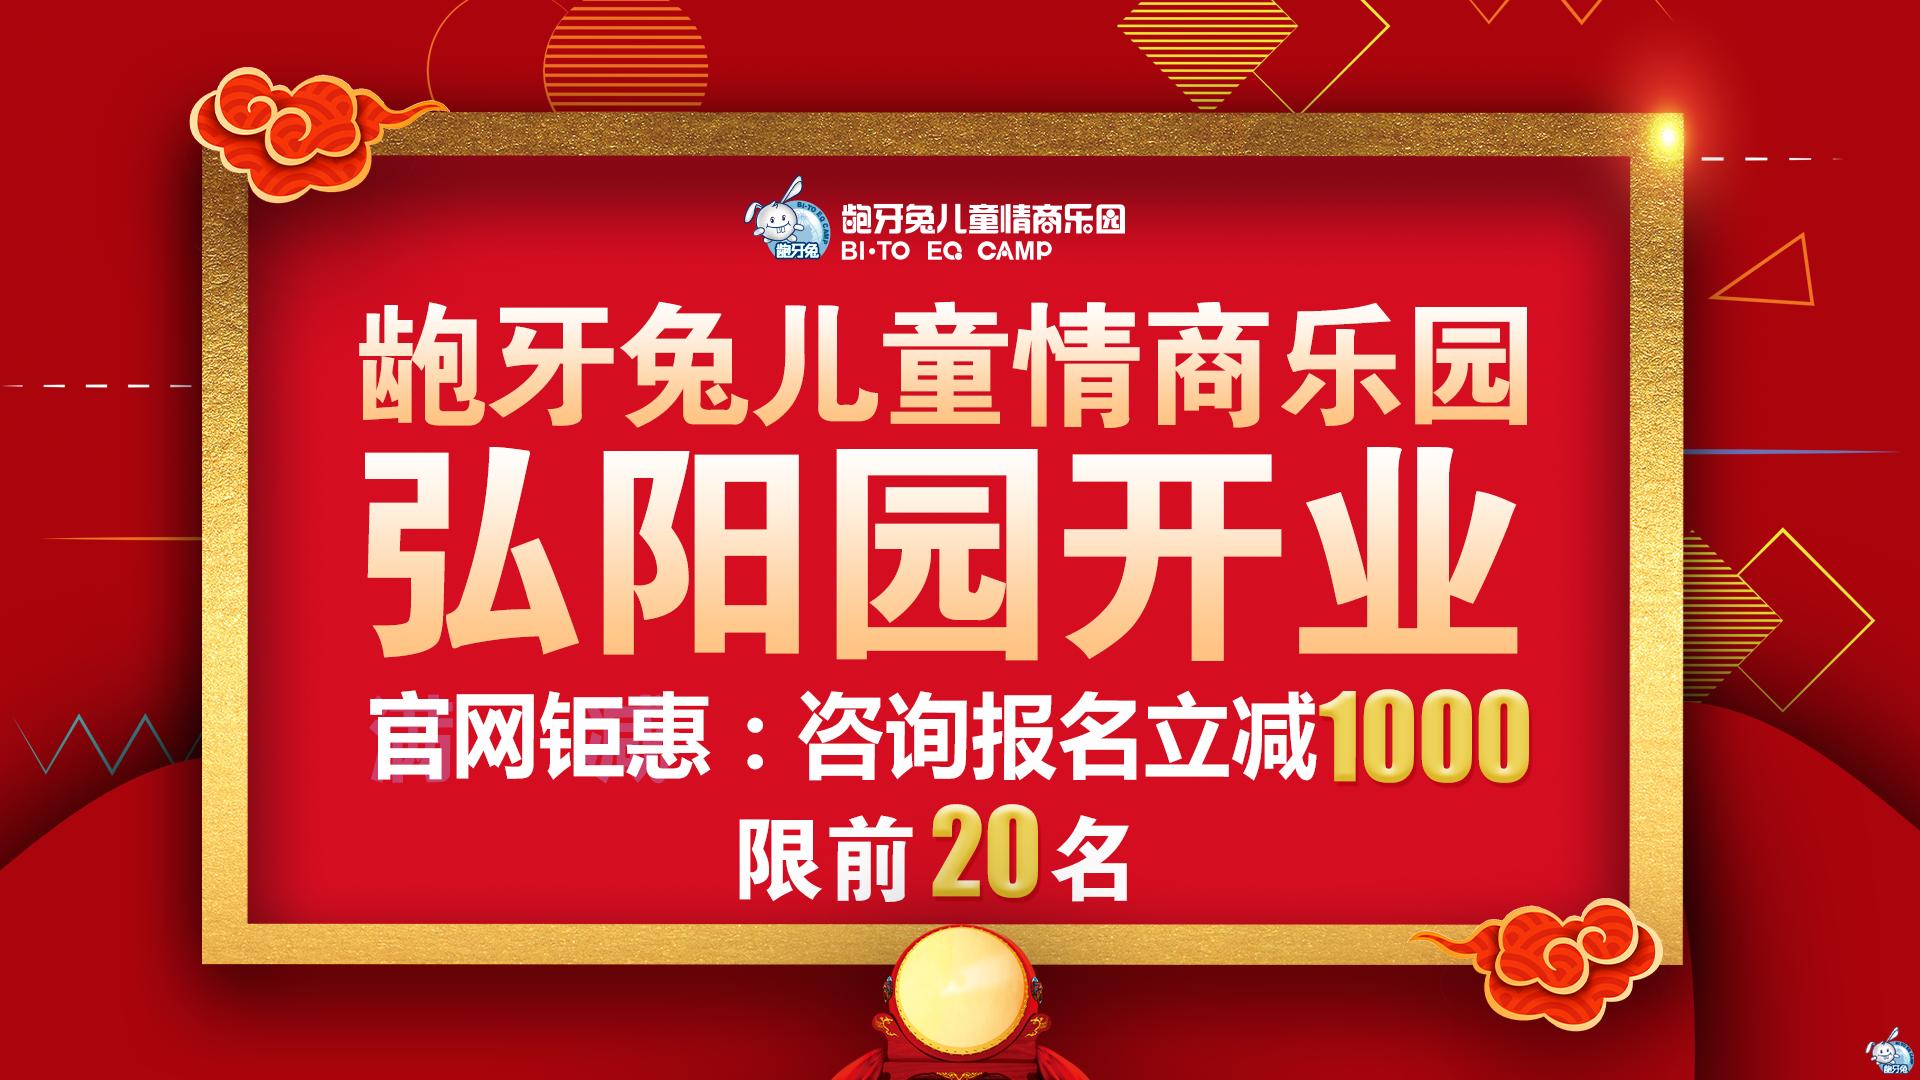 2019年龙8国际娱乐官方网站手机版下载